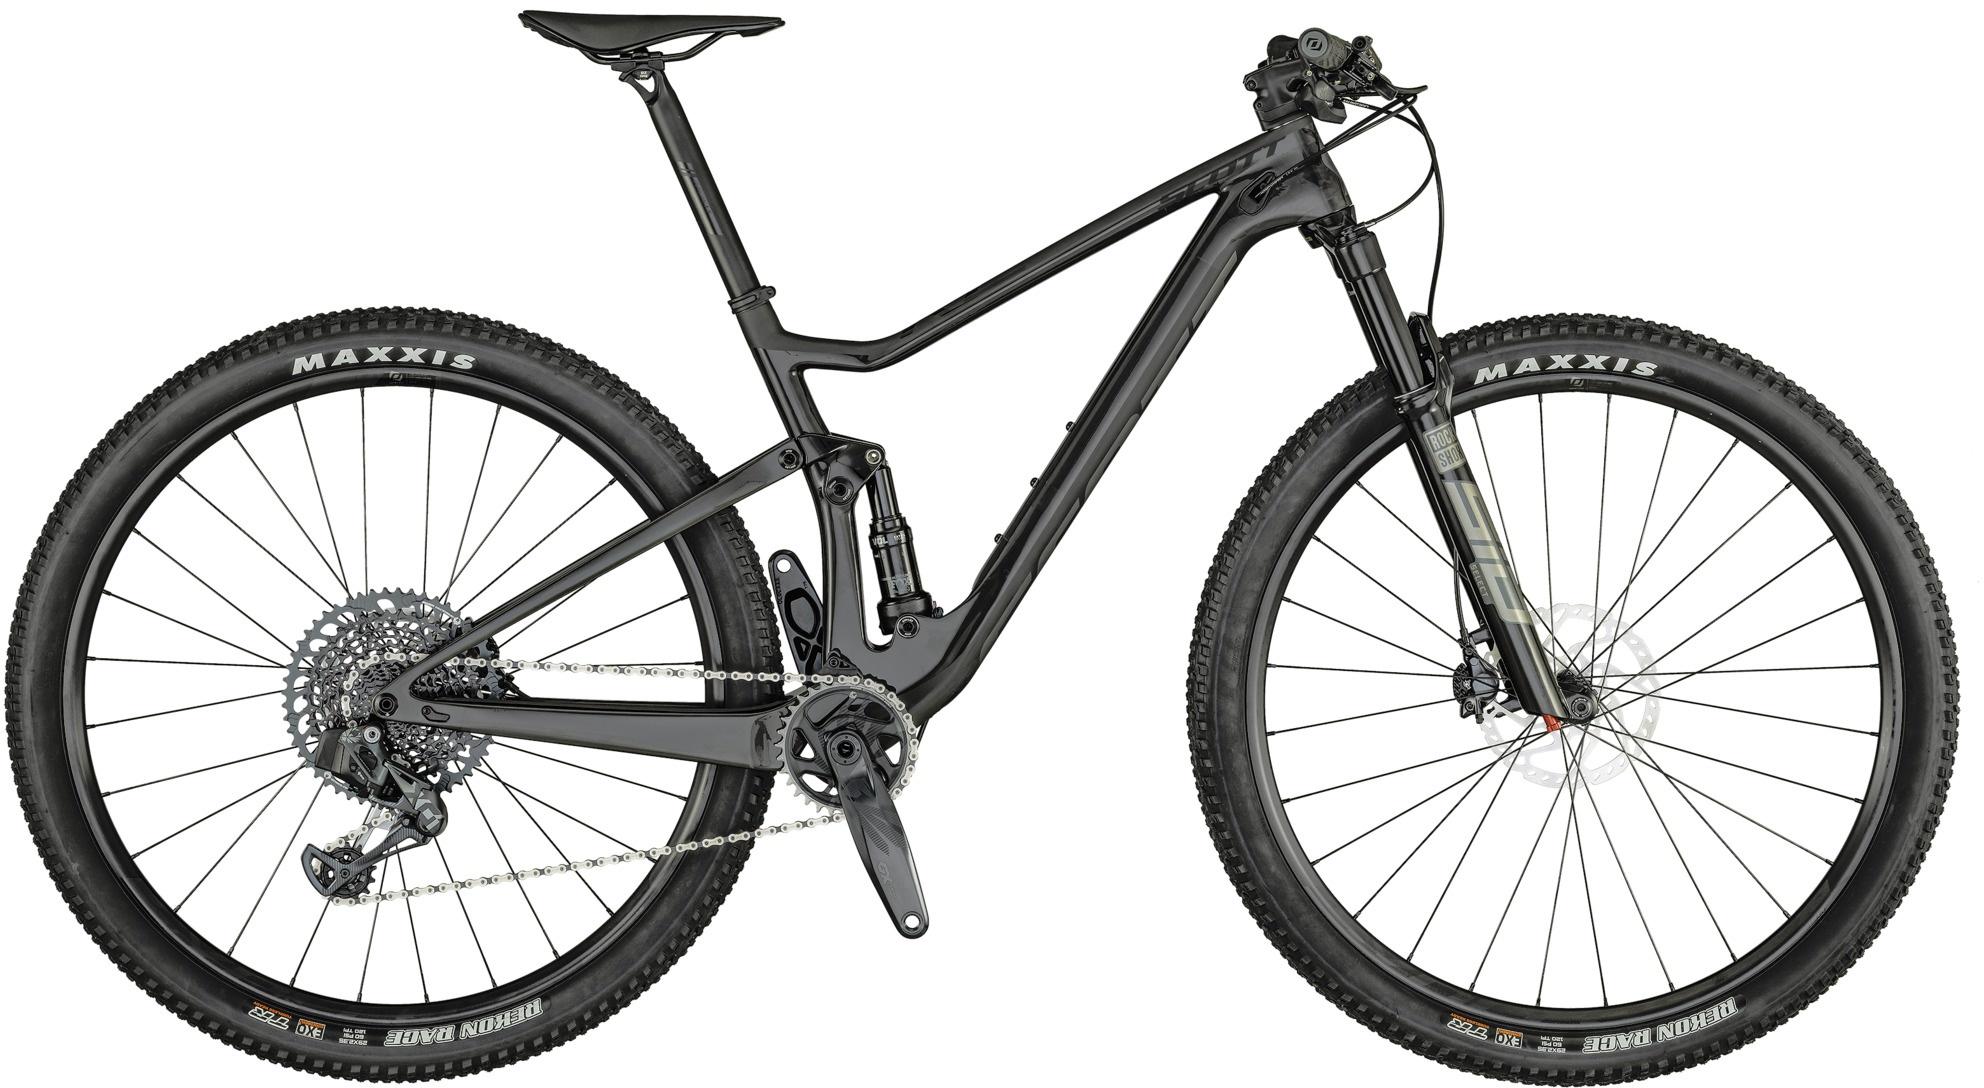 Scott Contessa Active Eride 930 2021 Cykler > Elcykler